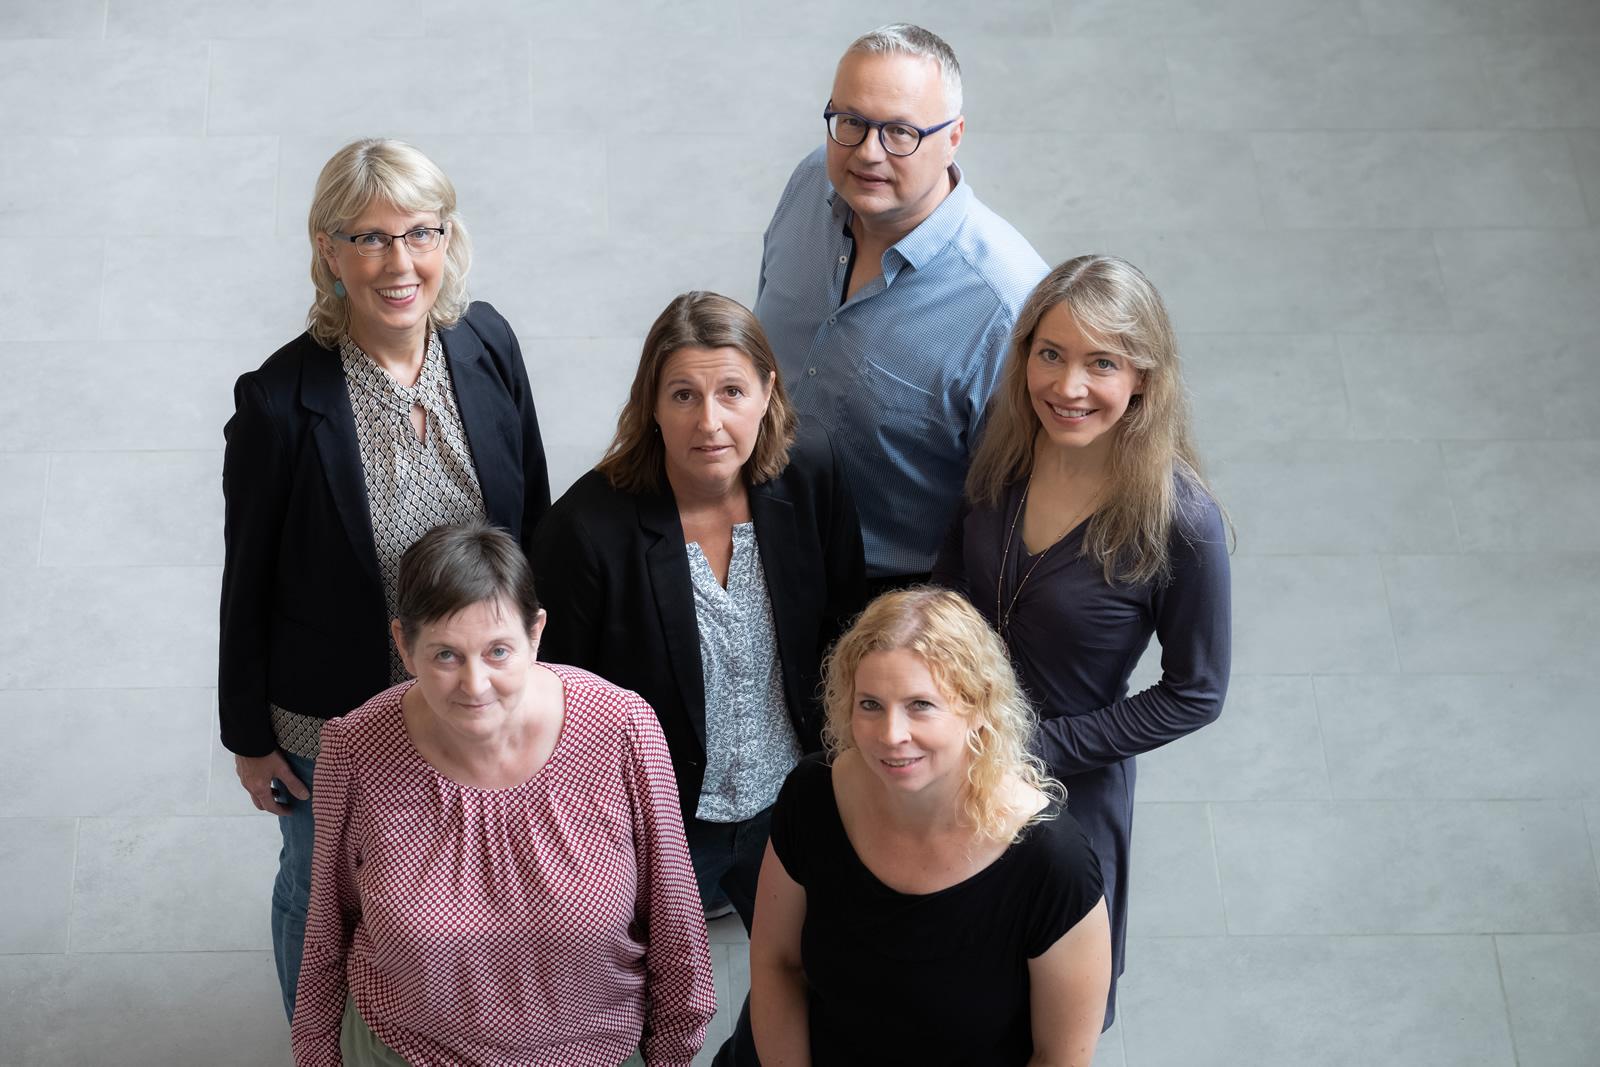 Das BS11 Beratungslehrerteam. Oben: Ute Dewald, Torsten Schatz | Mitte: Sylvia Leid, Manuela Schiele | Unten: Doris Wrage, Ina Schmelzling (v.links n.rechts)